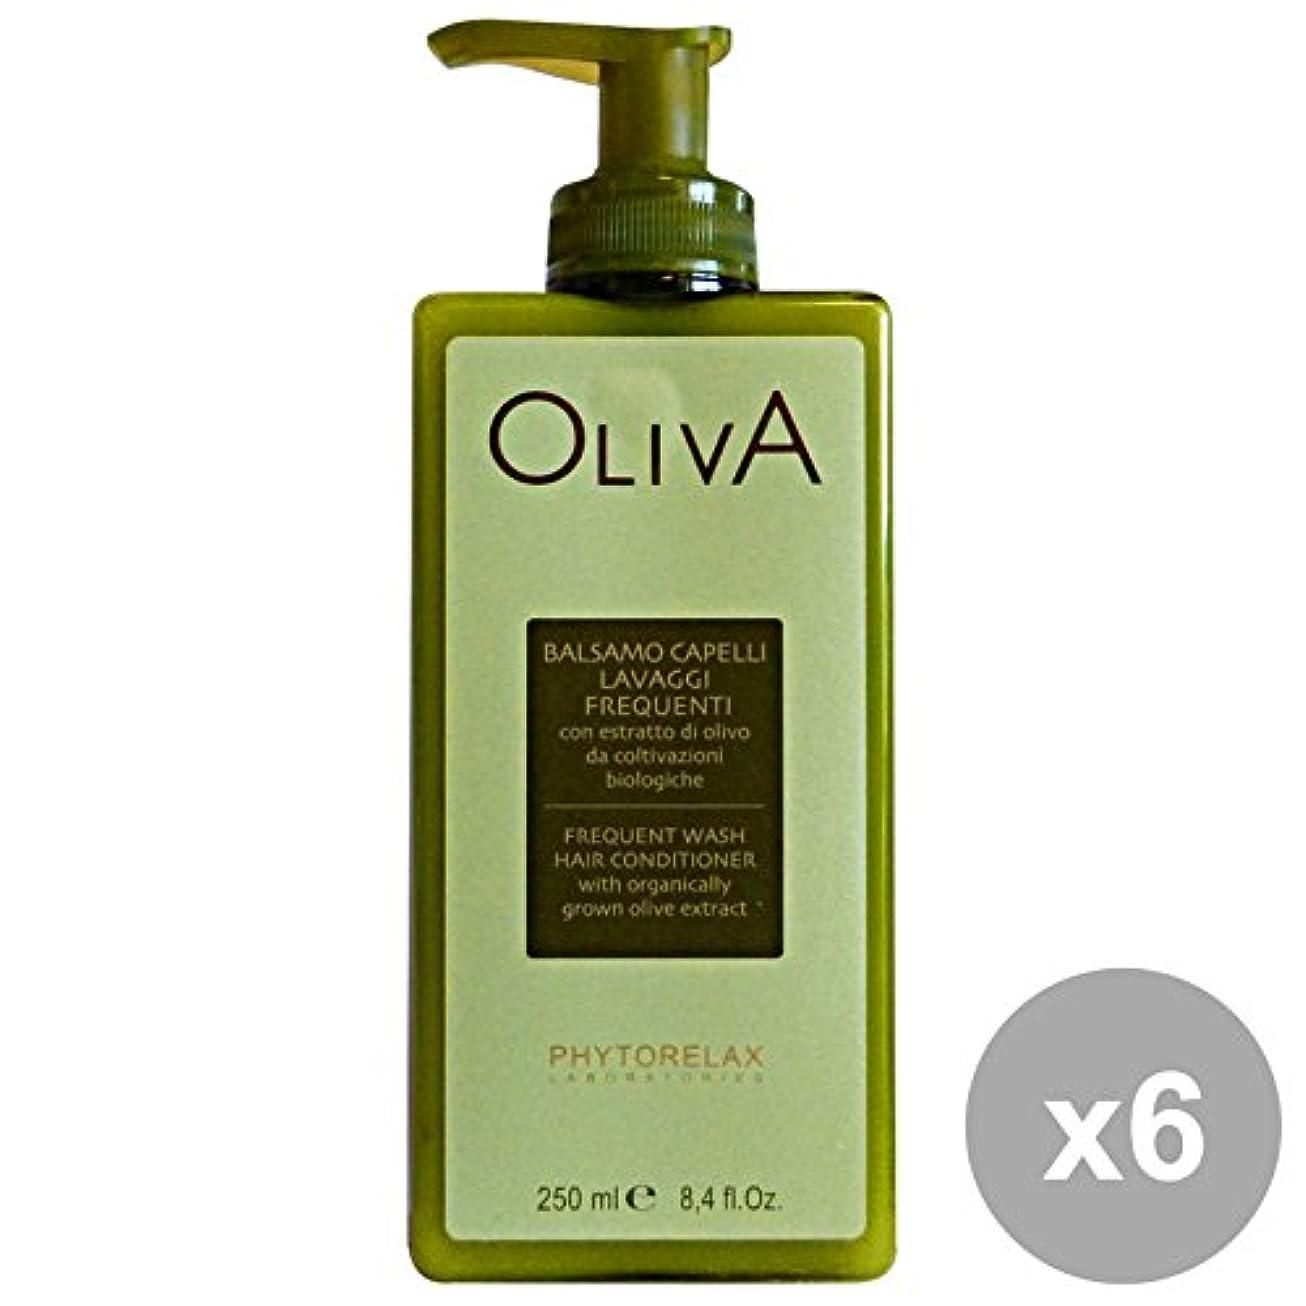 衛星プレゼン犯人6ファイトレラックスオリーブバームウォッシュを洗う頻度250 ML。髪のための製品